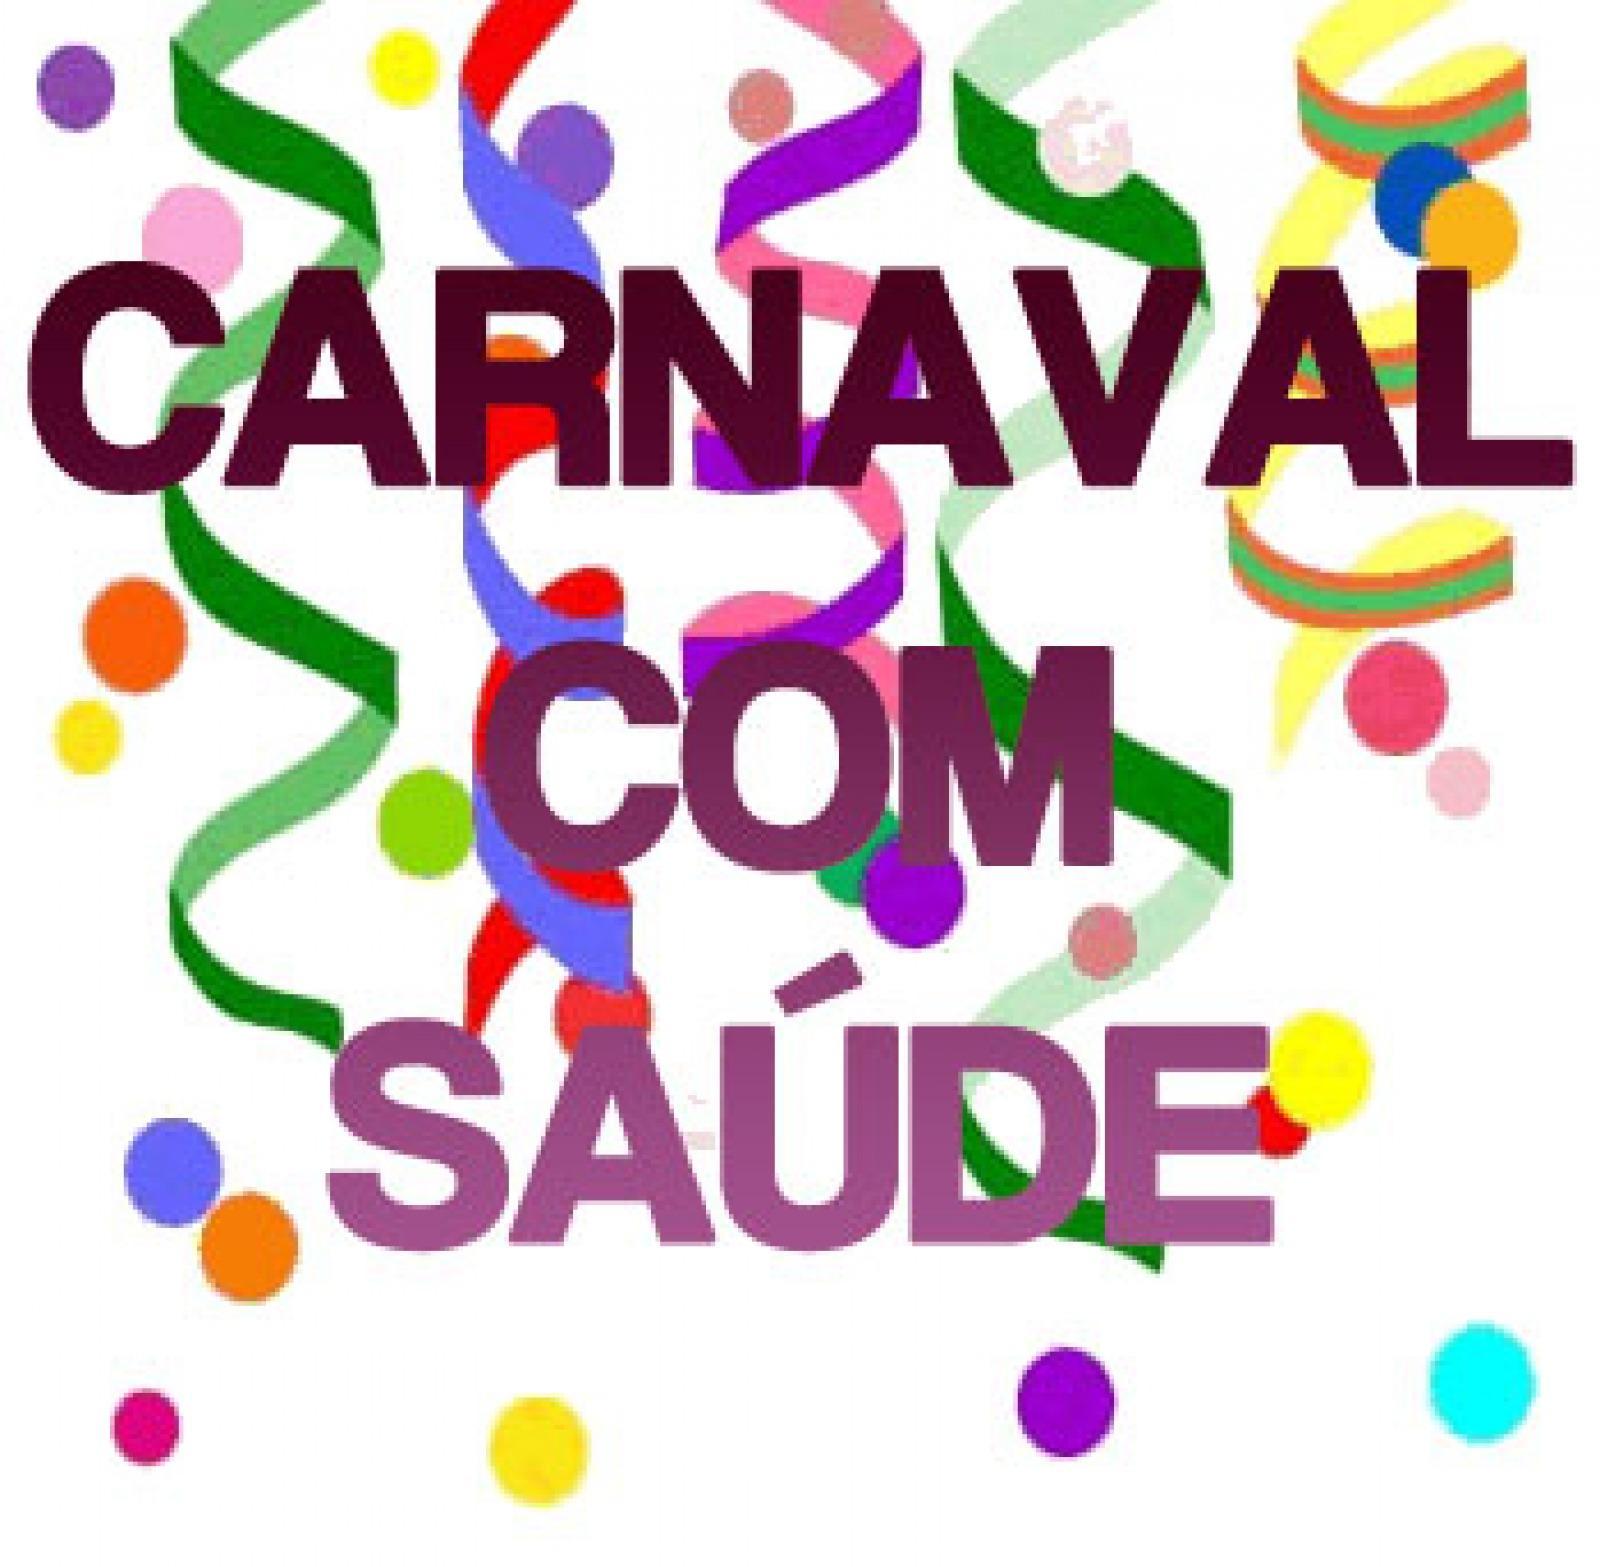 DICAS DE SAÚDE PARA O CARNAVAL - Dicas para você aproveitar o carnaval com saúde mesmo caindo na folia